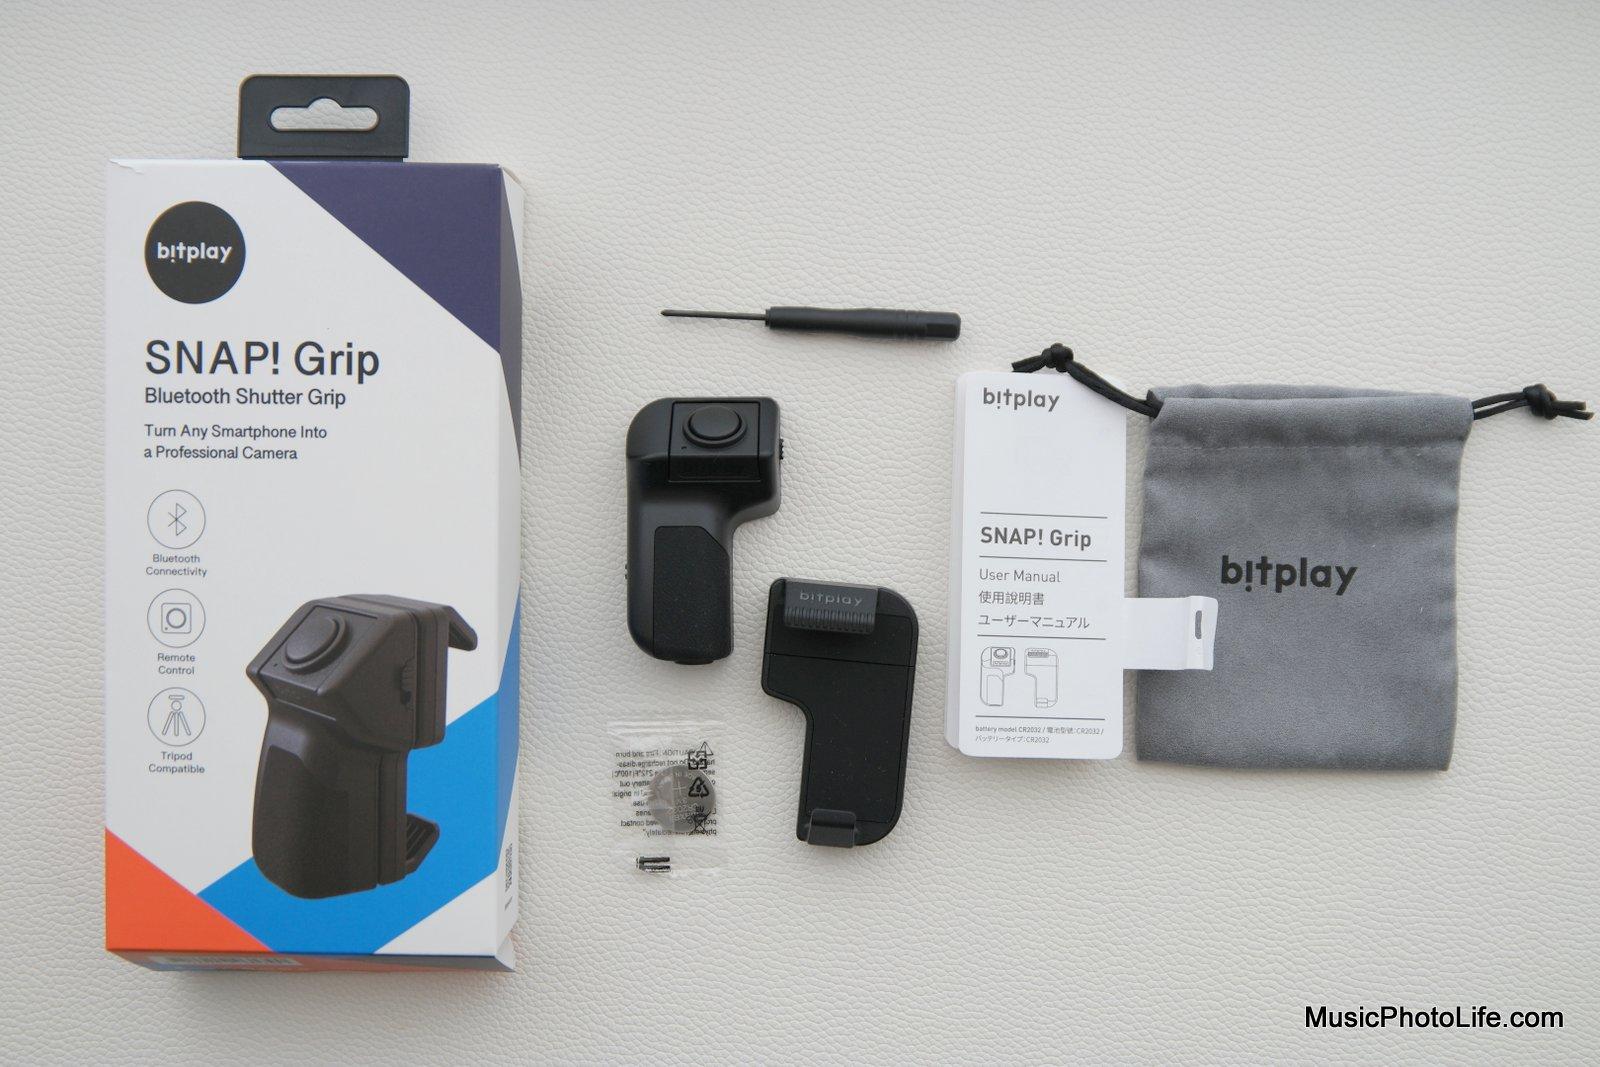 bitplay SNAP! Grip review by musicphotolife.com, Singapore consumer tech blogger